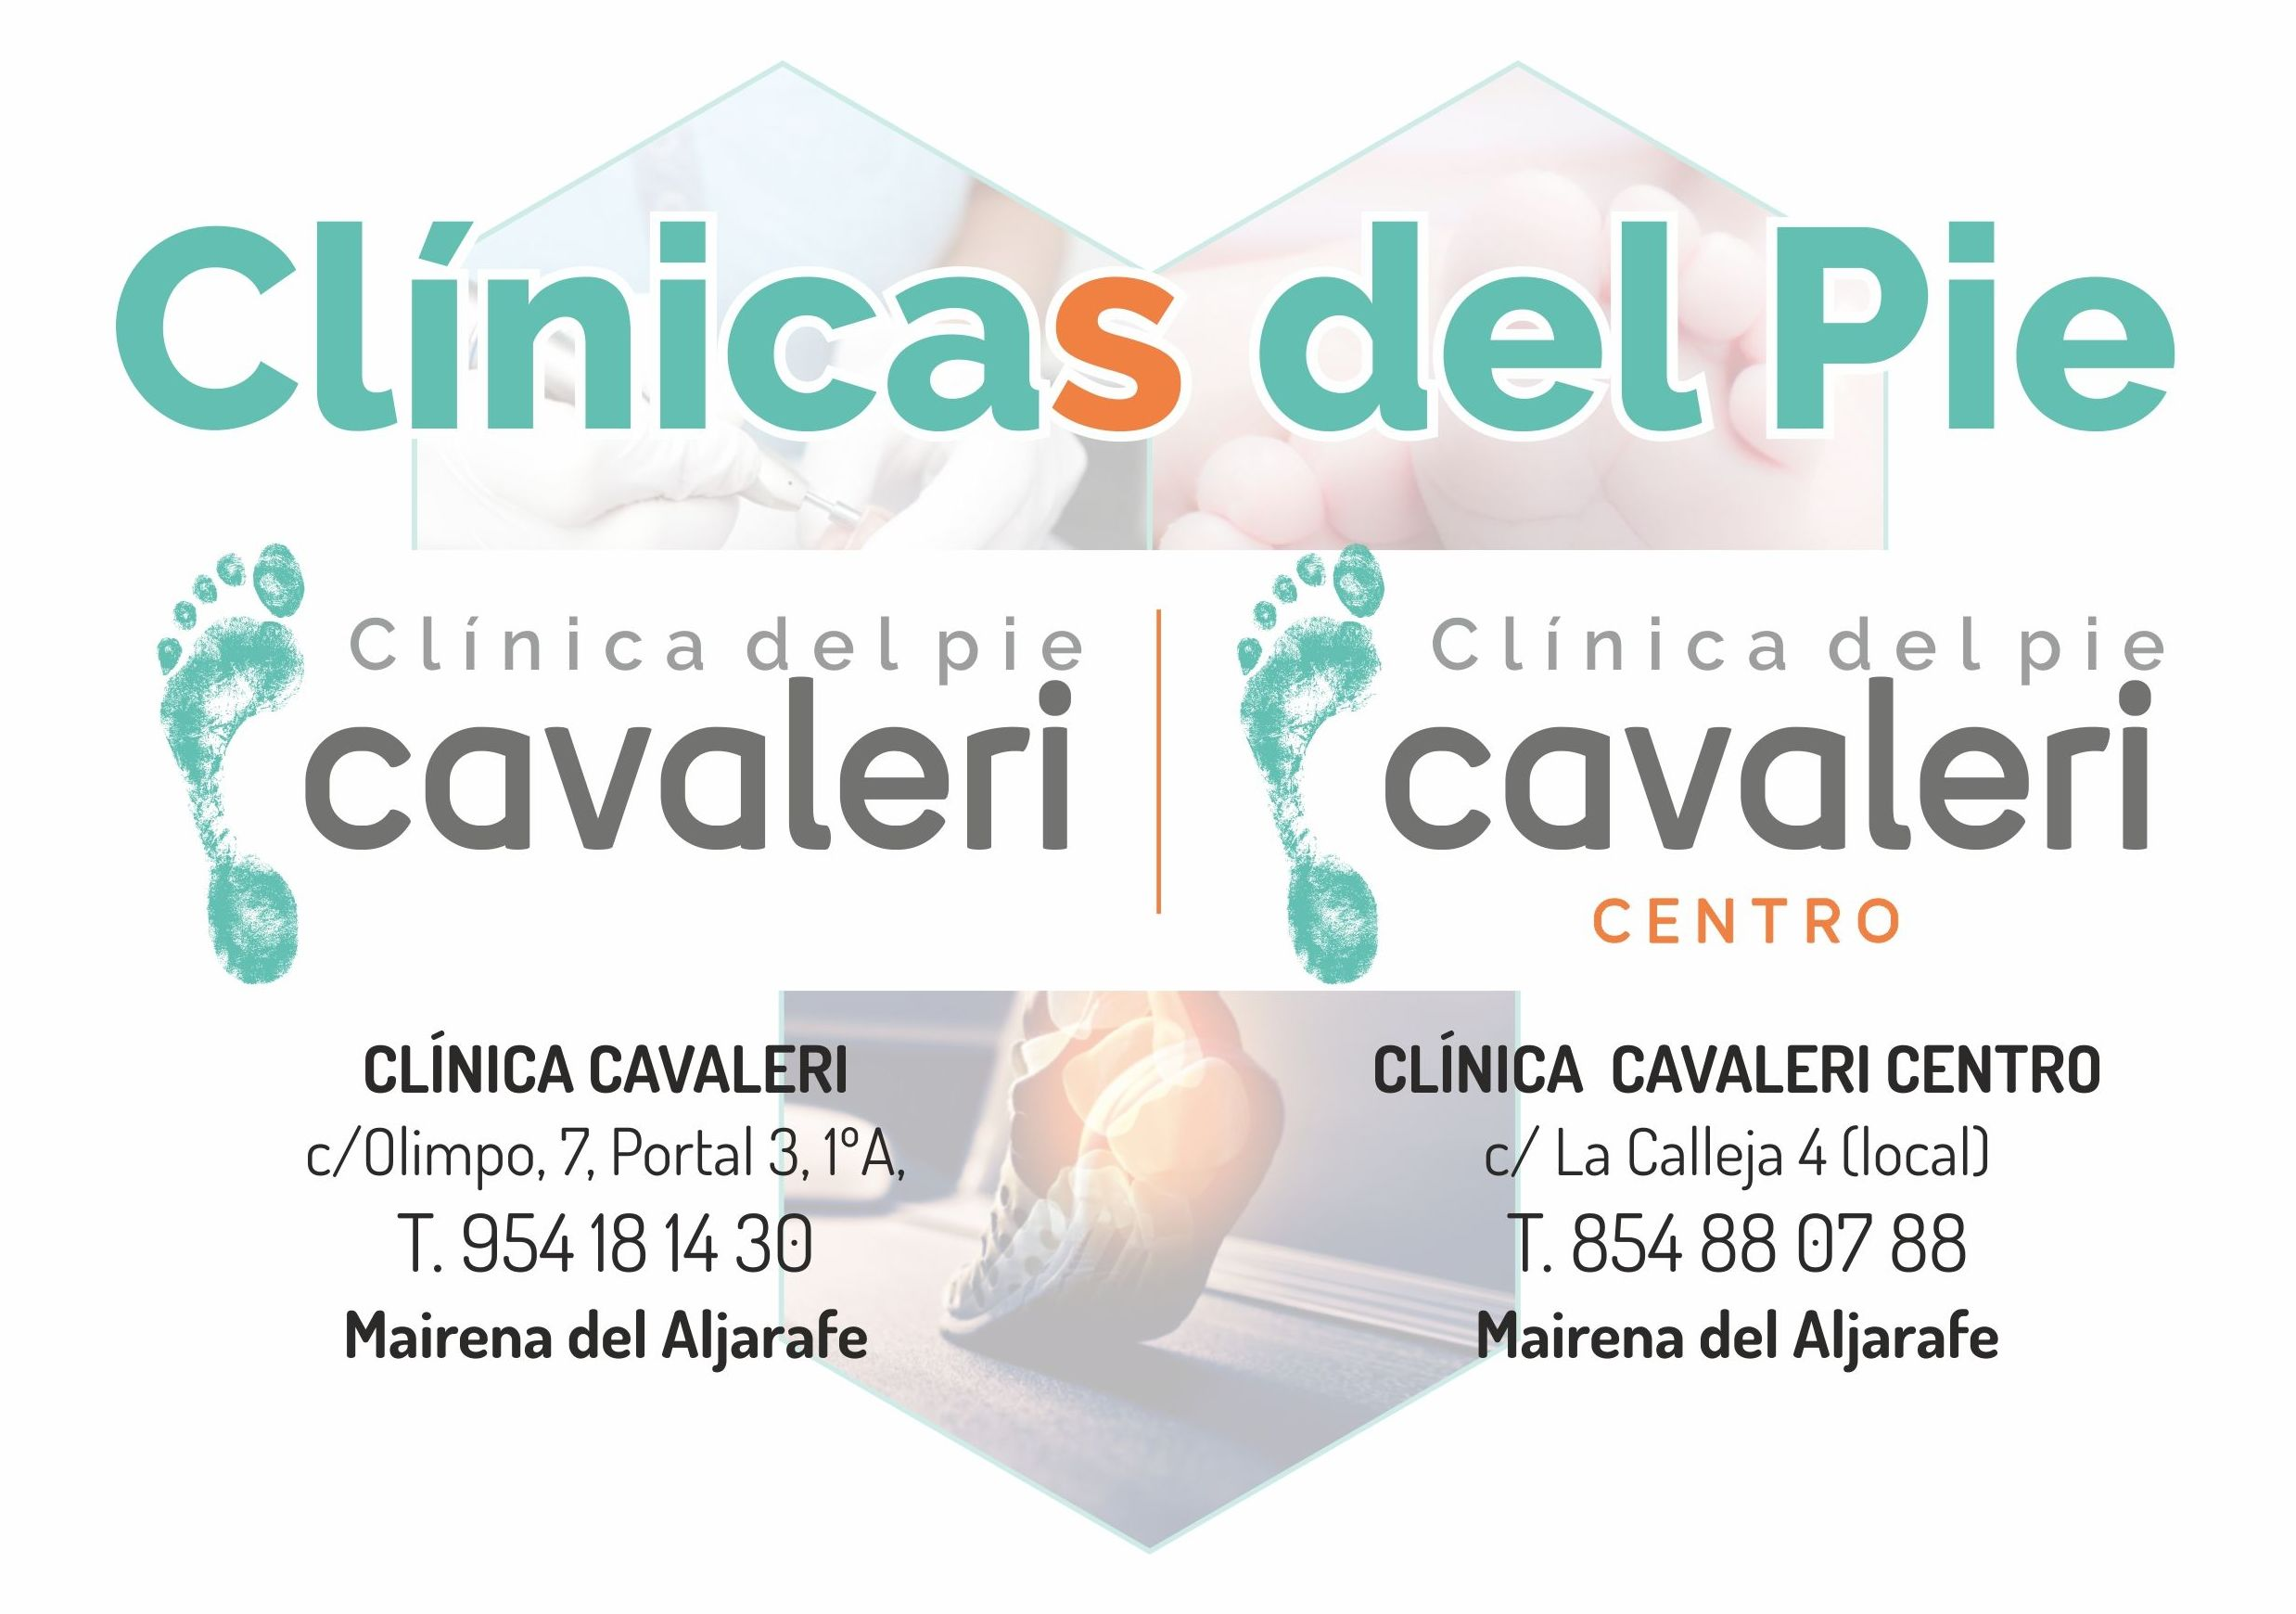 Foto 1 de Clínica del pie en Mairena del Aljarafe | Clínica del pie Cavaleri Centro